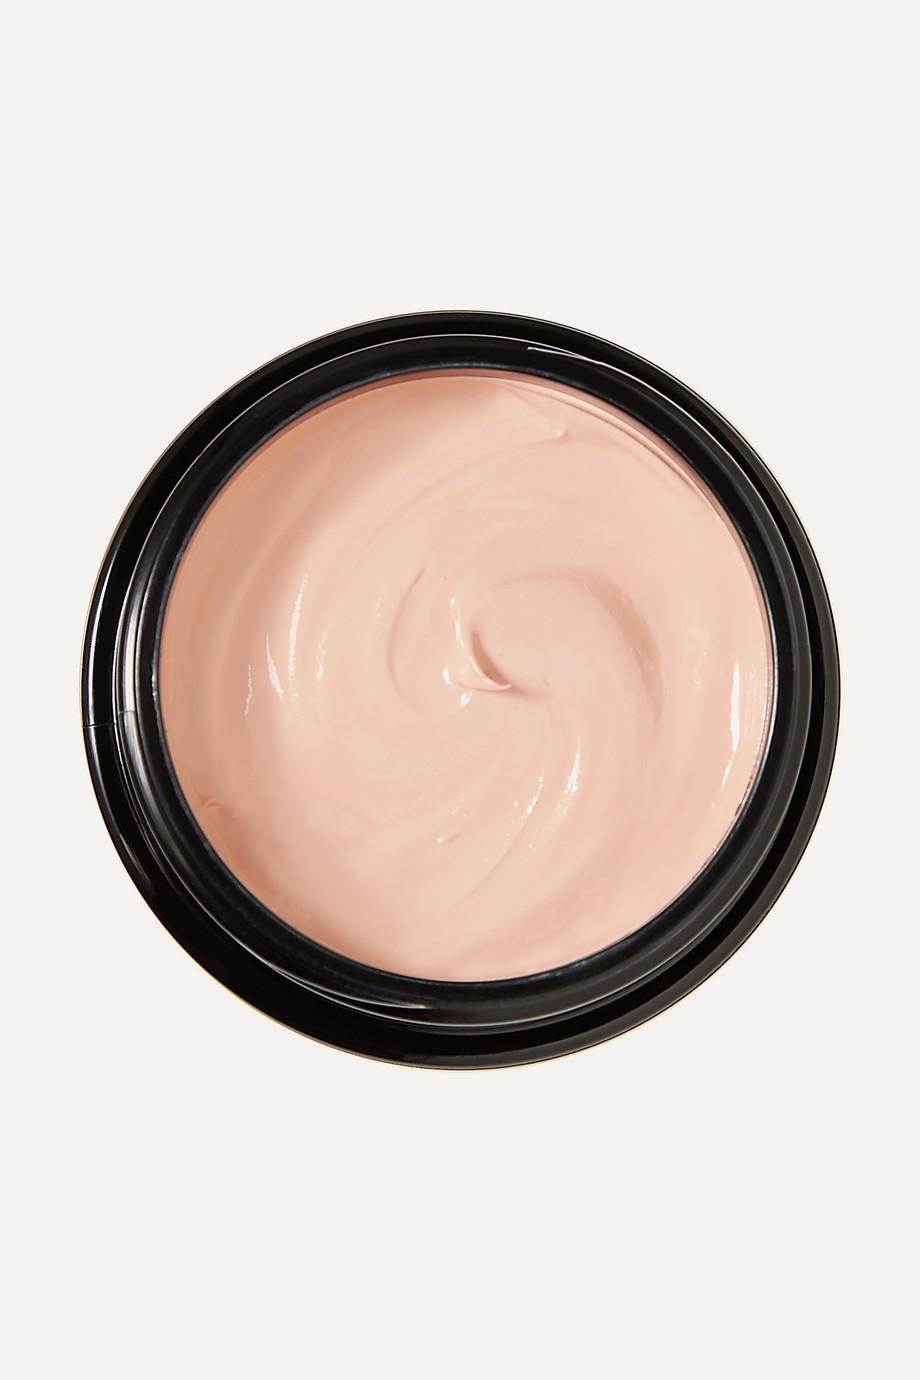 Kevyn Aucoin The Sensual Skin Enhancer - SX02